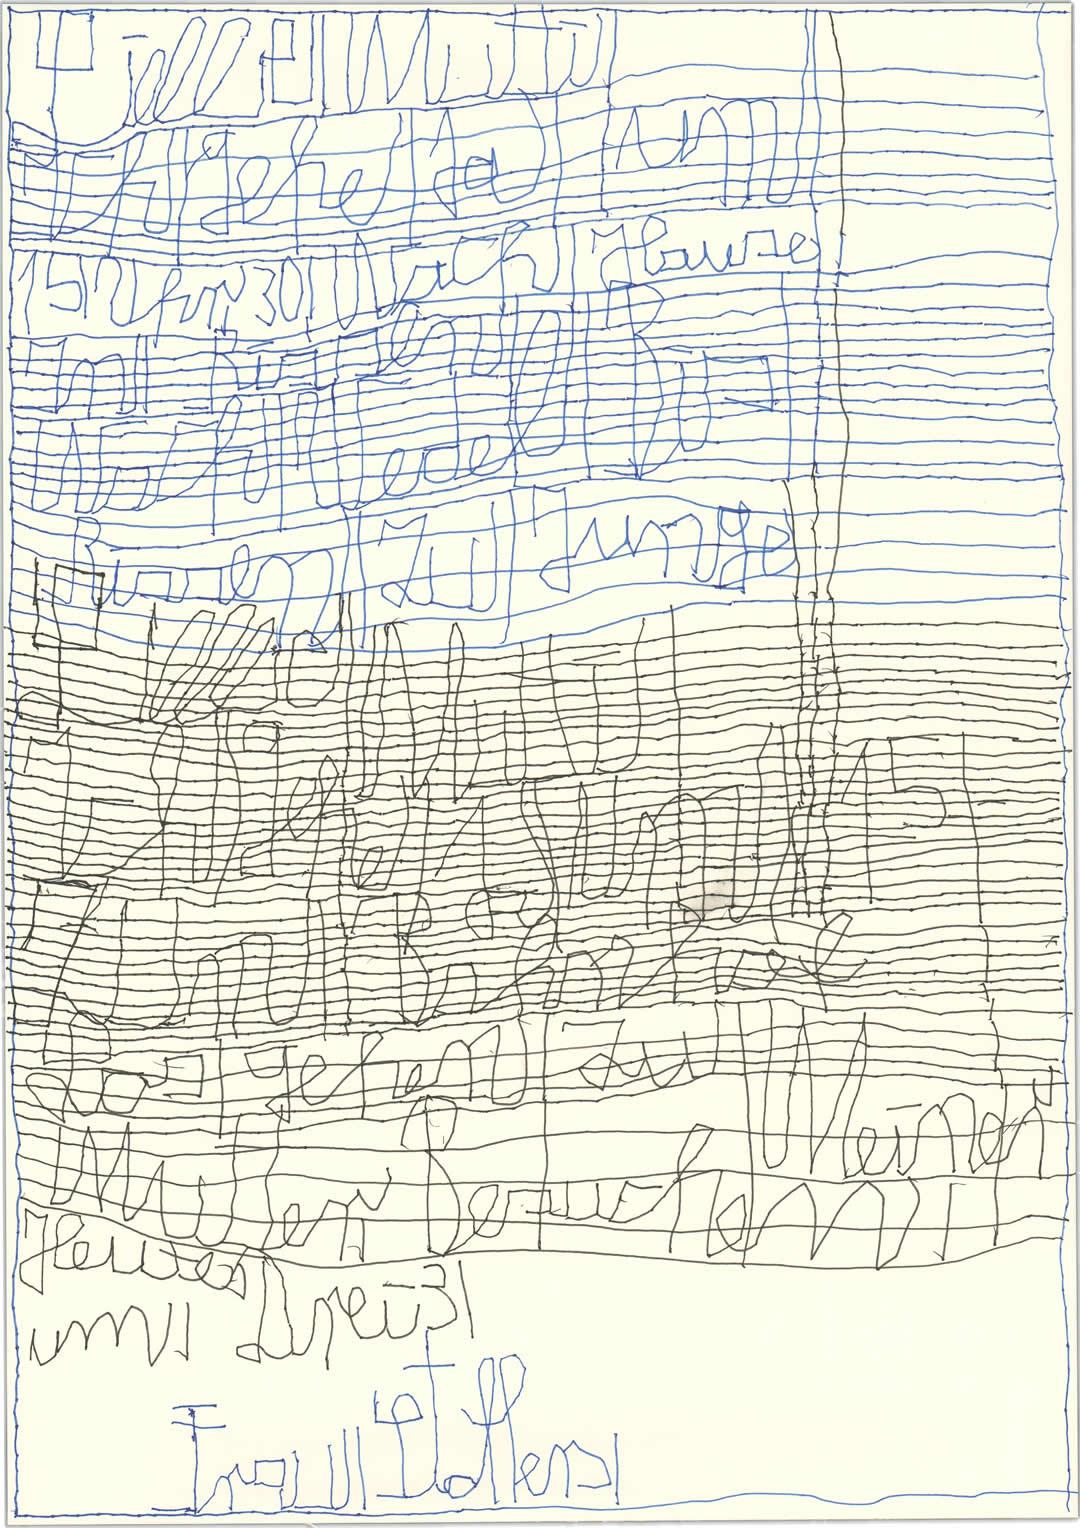 Harald Stoffers | Brief 426 | 2019 | Tinte auf Papier | 42x29,6cm | Courtesy Galerie3 Foto Galerie der Villa